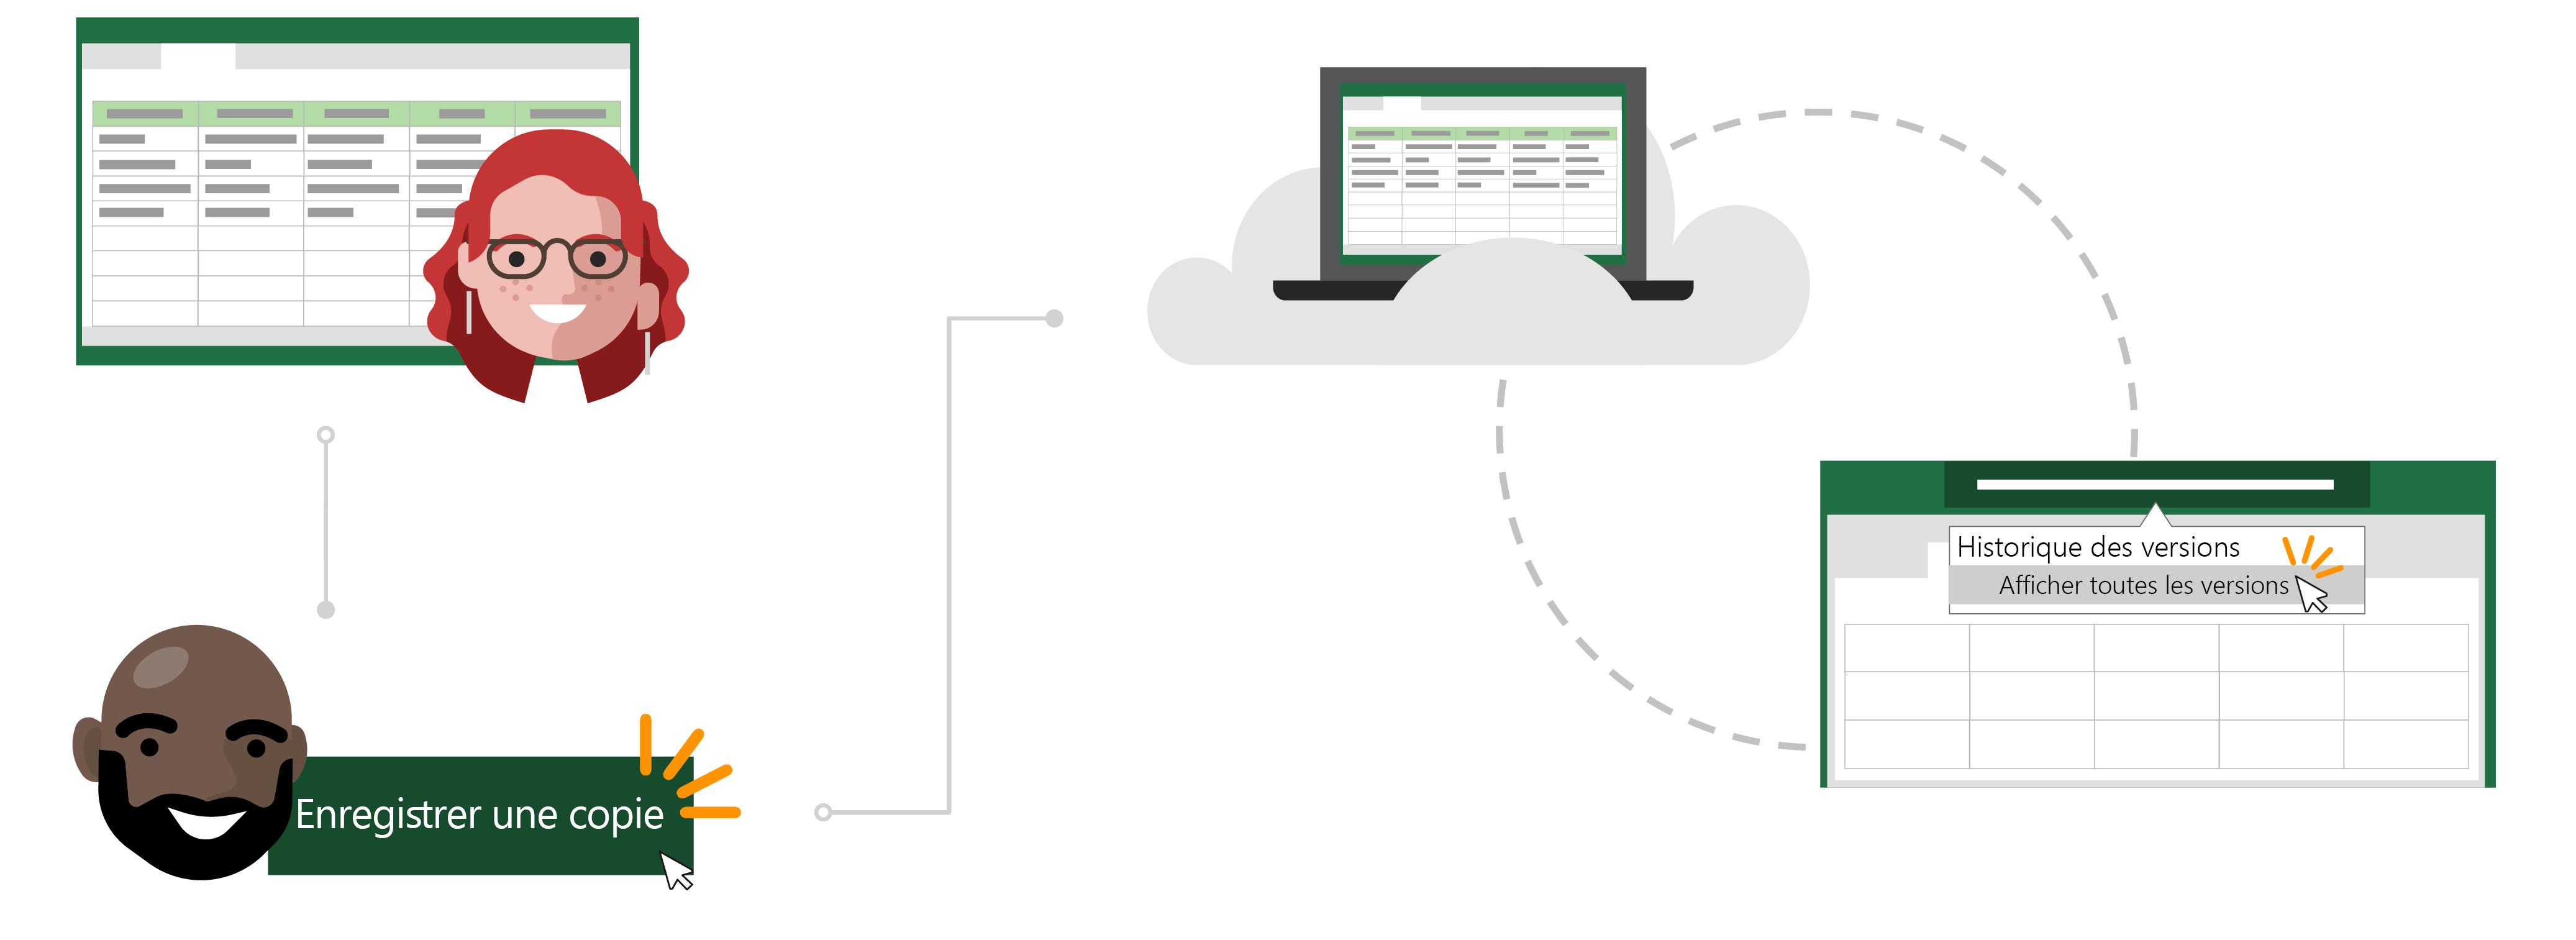 Utiliser un fichier existant dans le nuage en tant que modèle pour un nouveau fichier à l'aide d'enregistrer une copie.